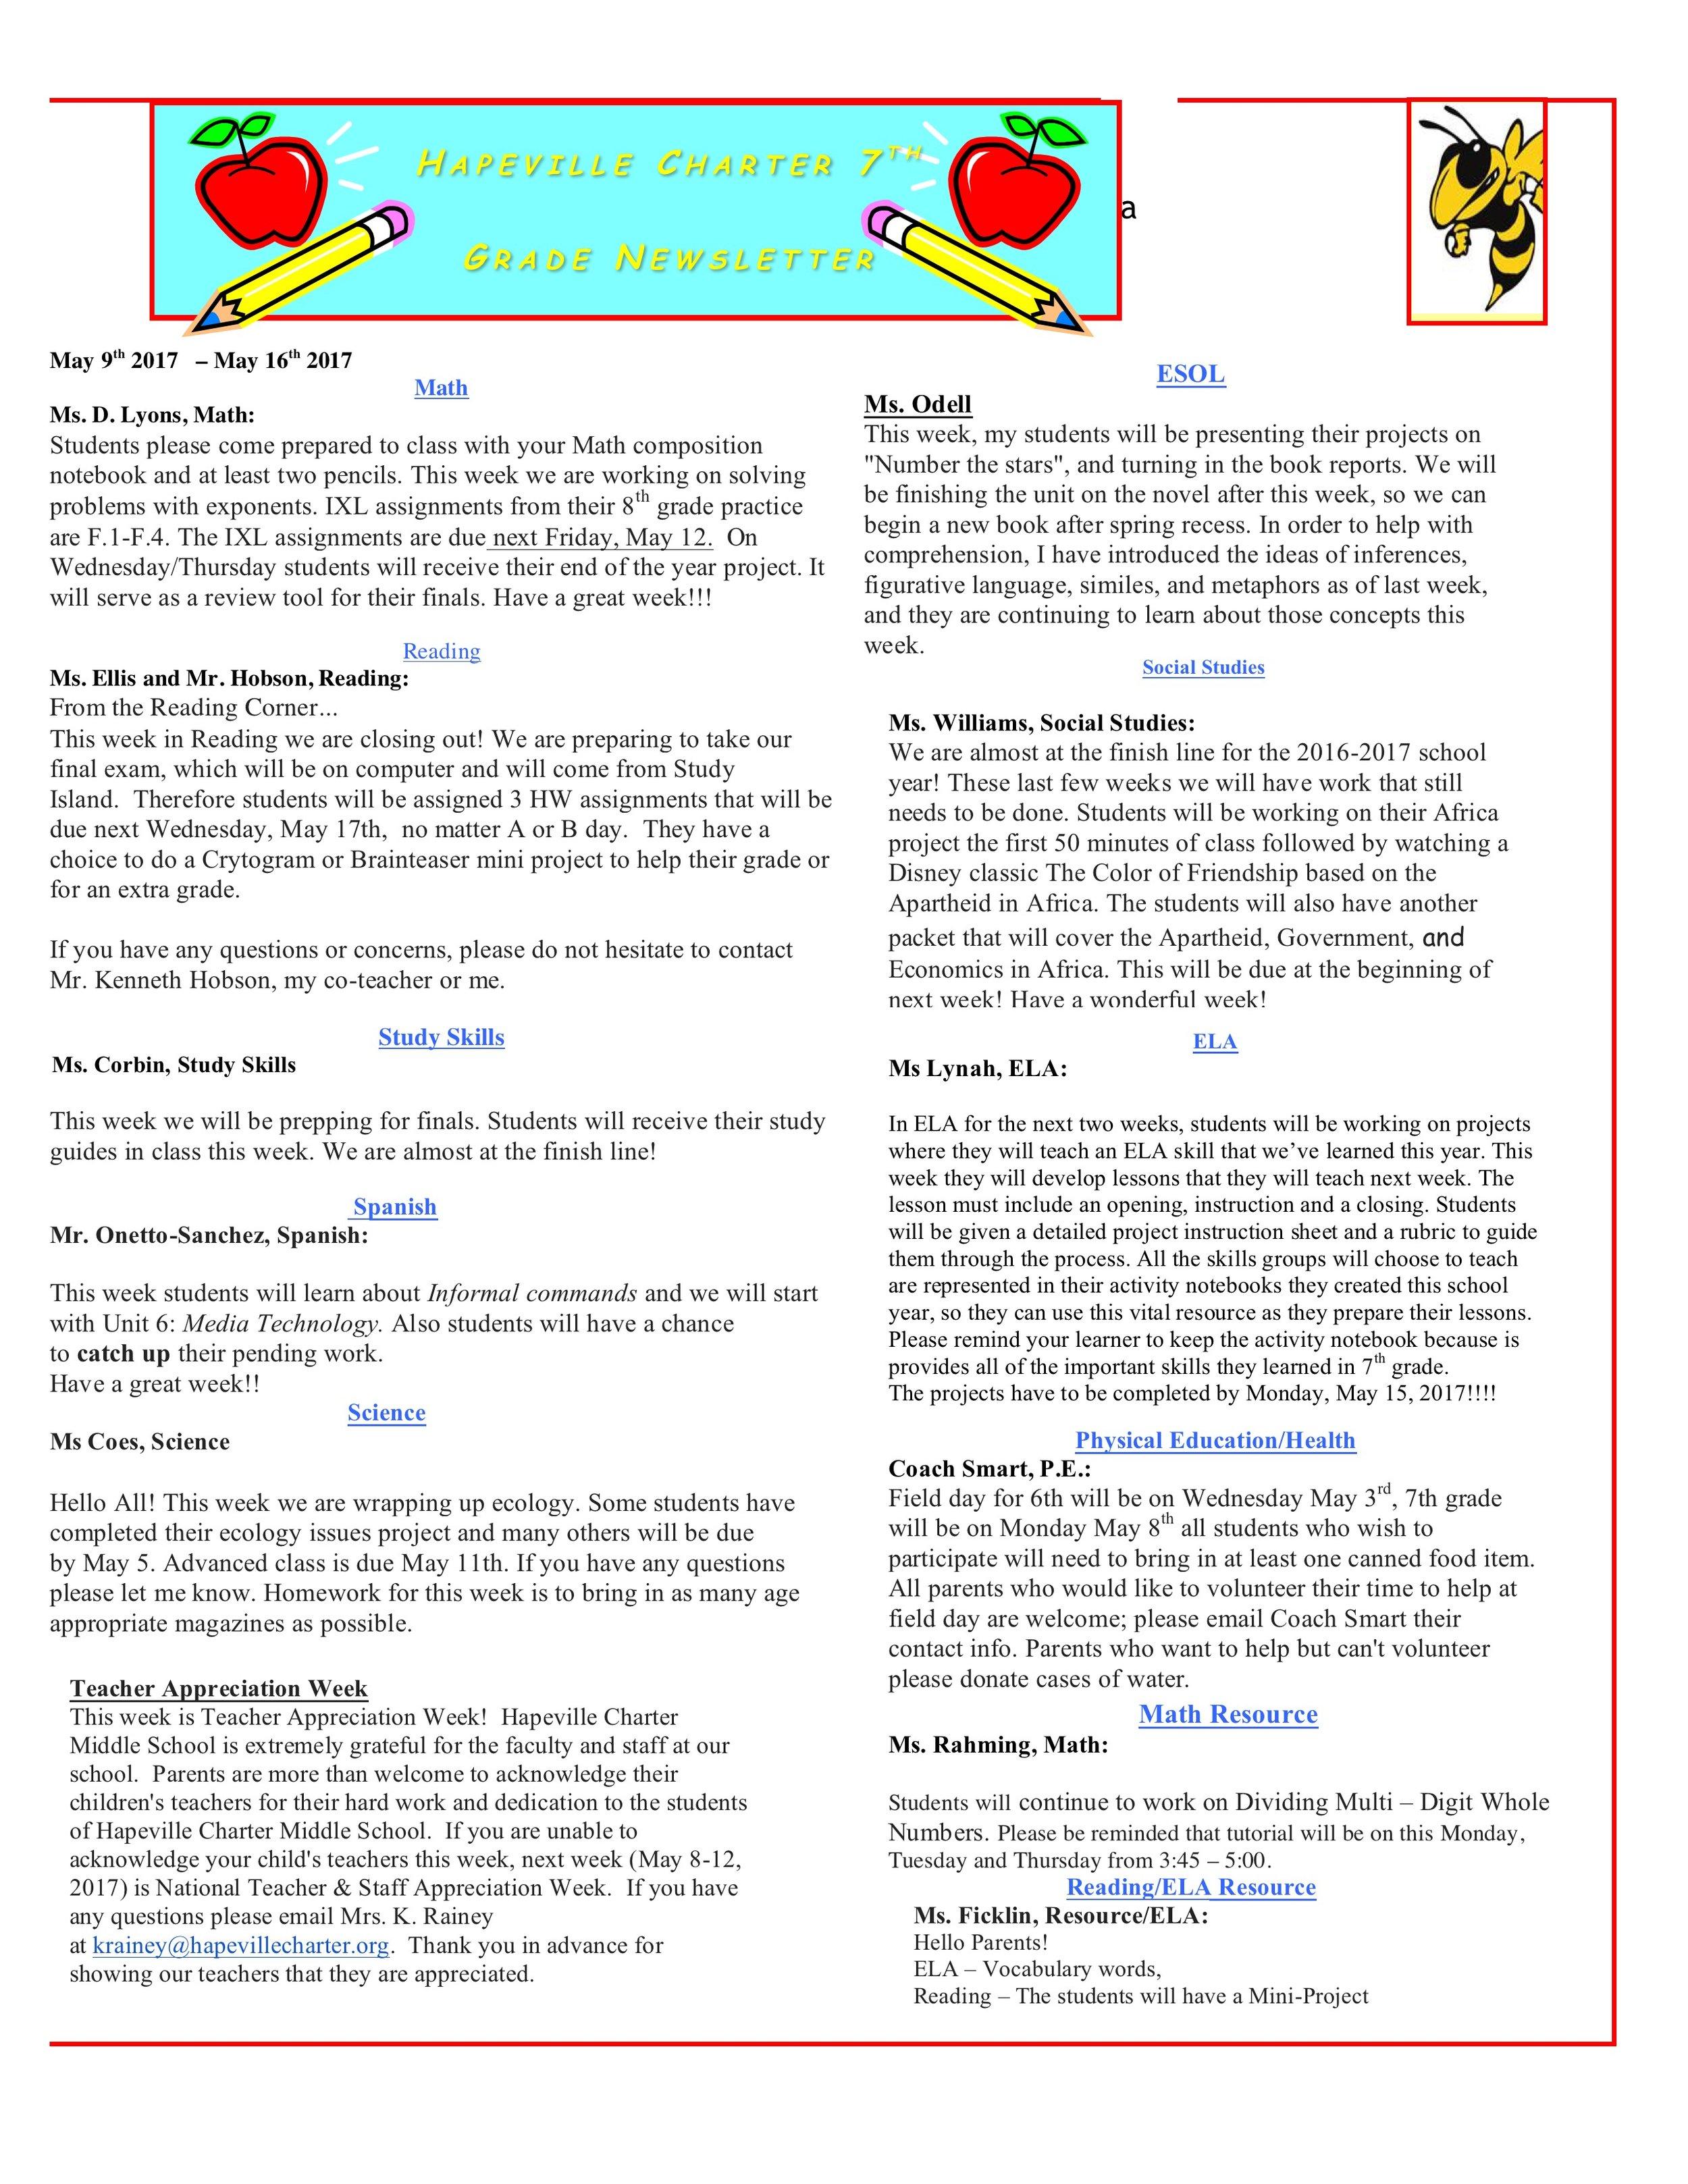 Newsletter Image7th Grade Newsletter 5-9-2017.jpeg